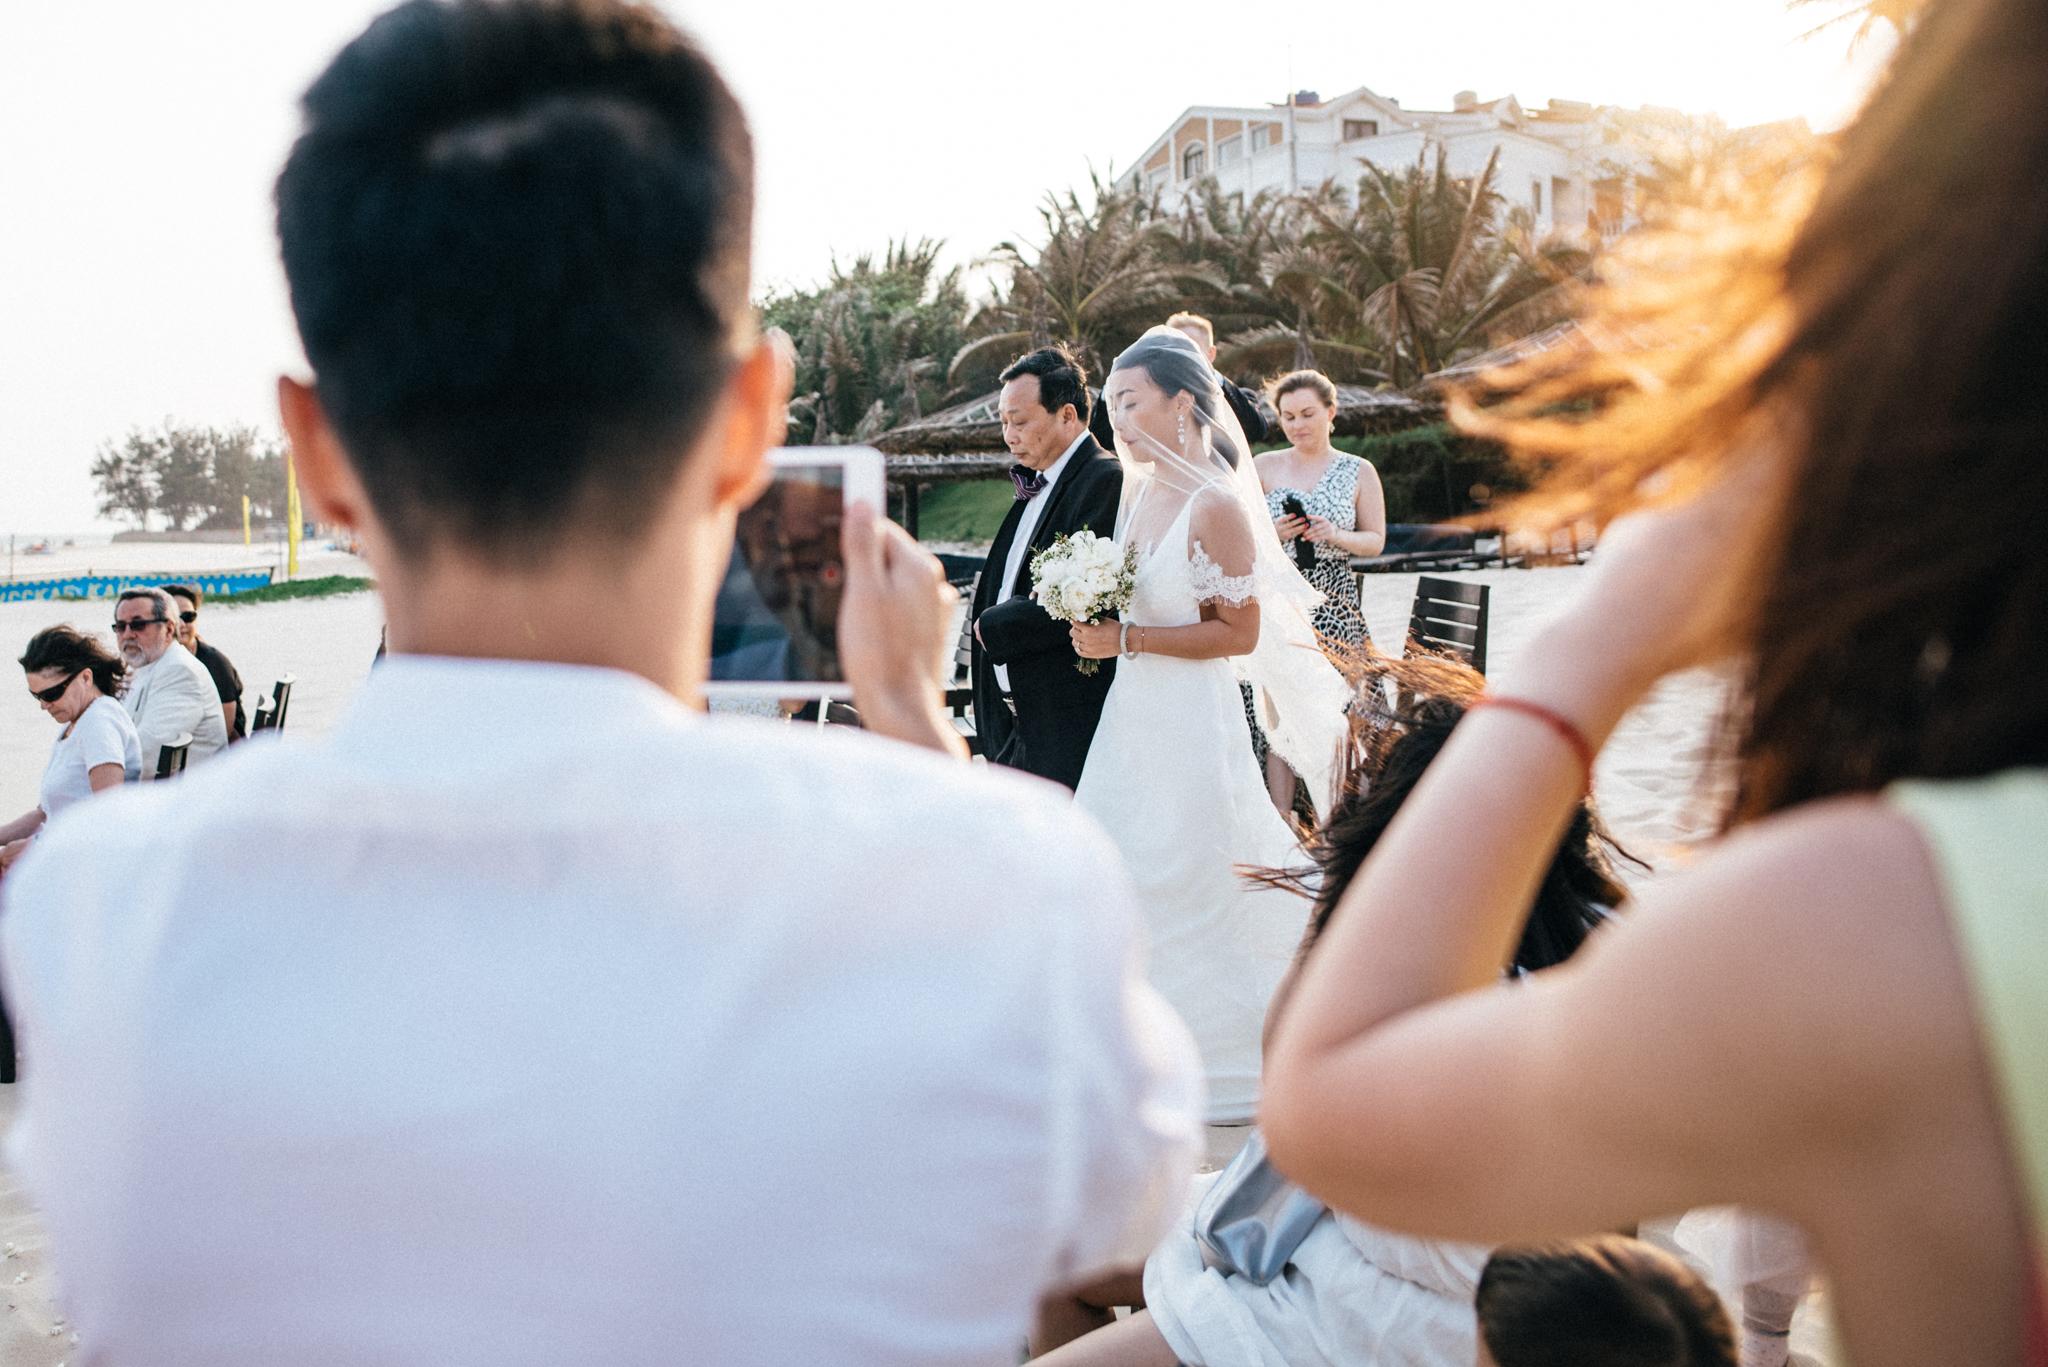 Hanz + Becky | Ceremony | Anatara-46.jpg